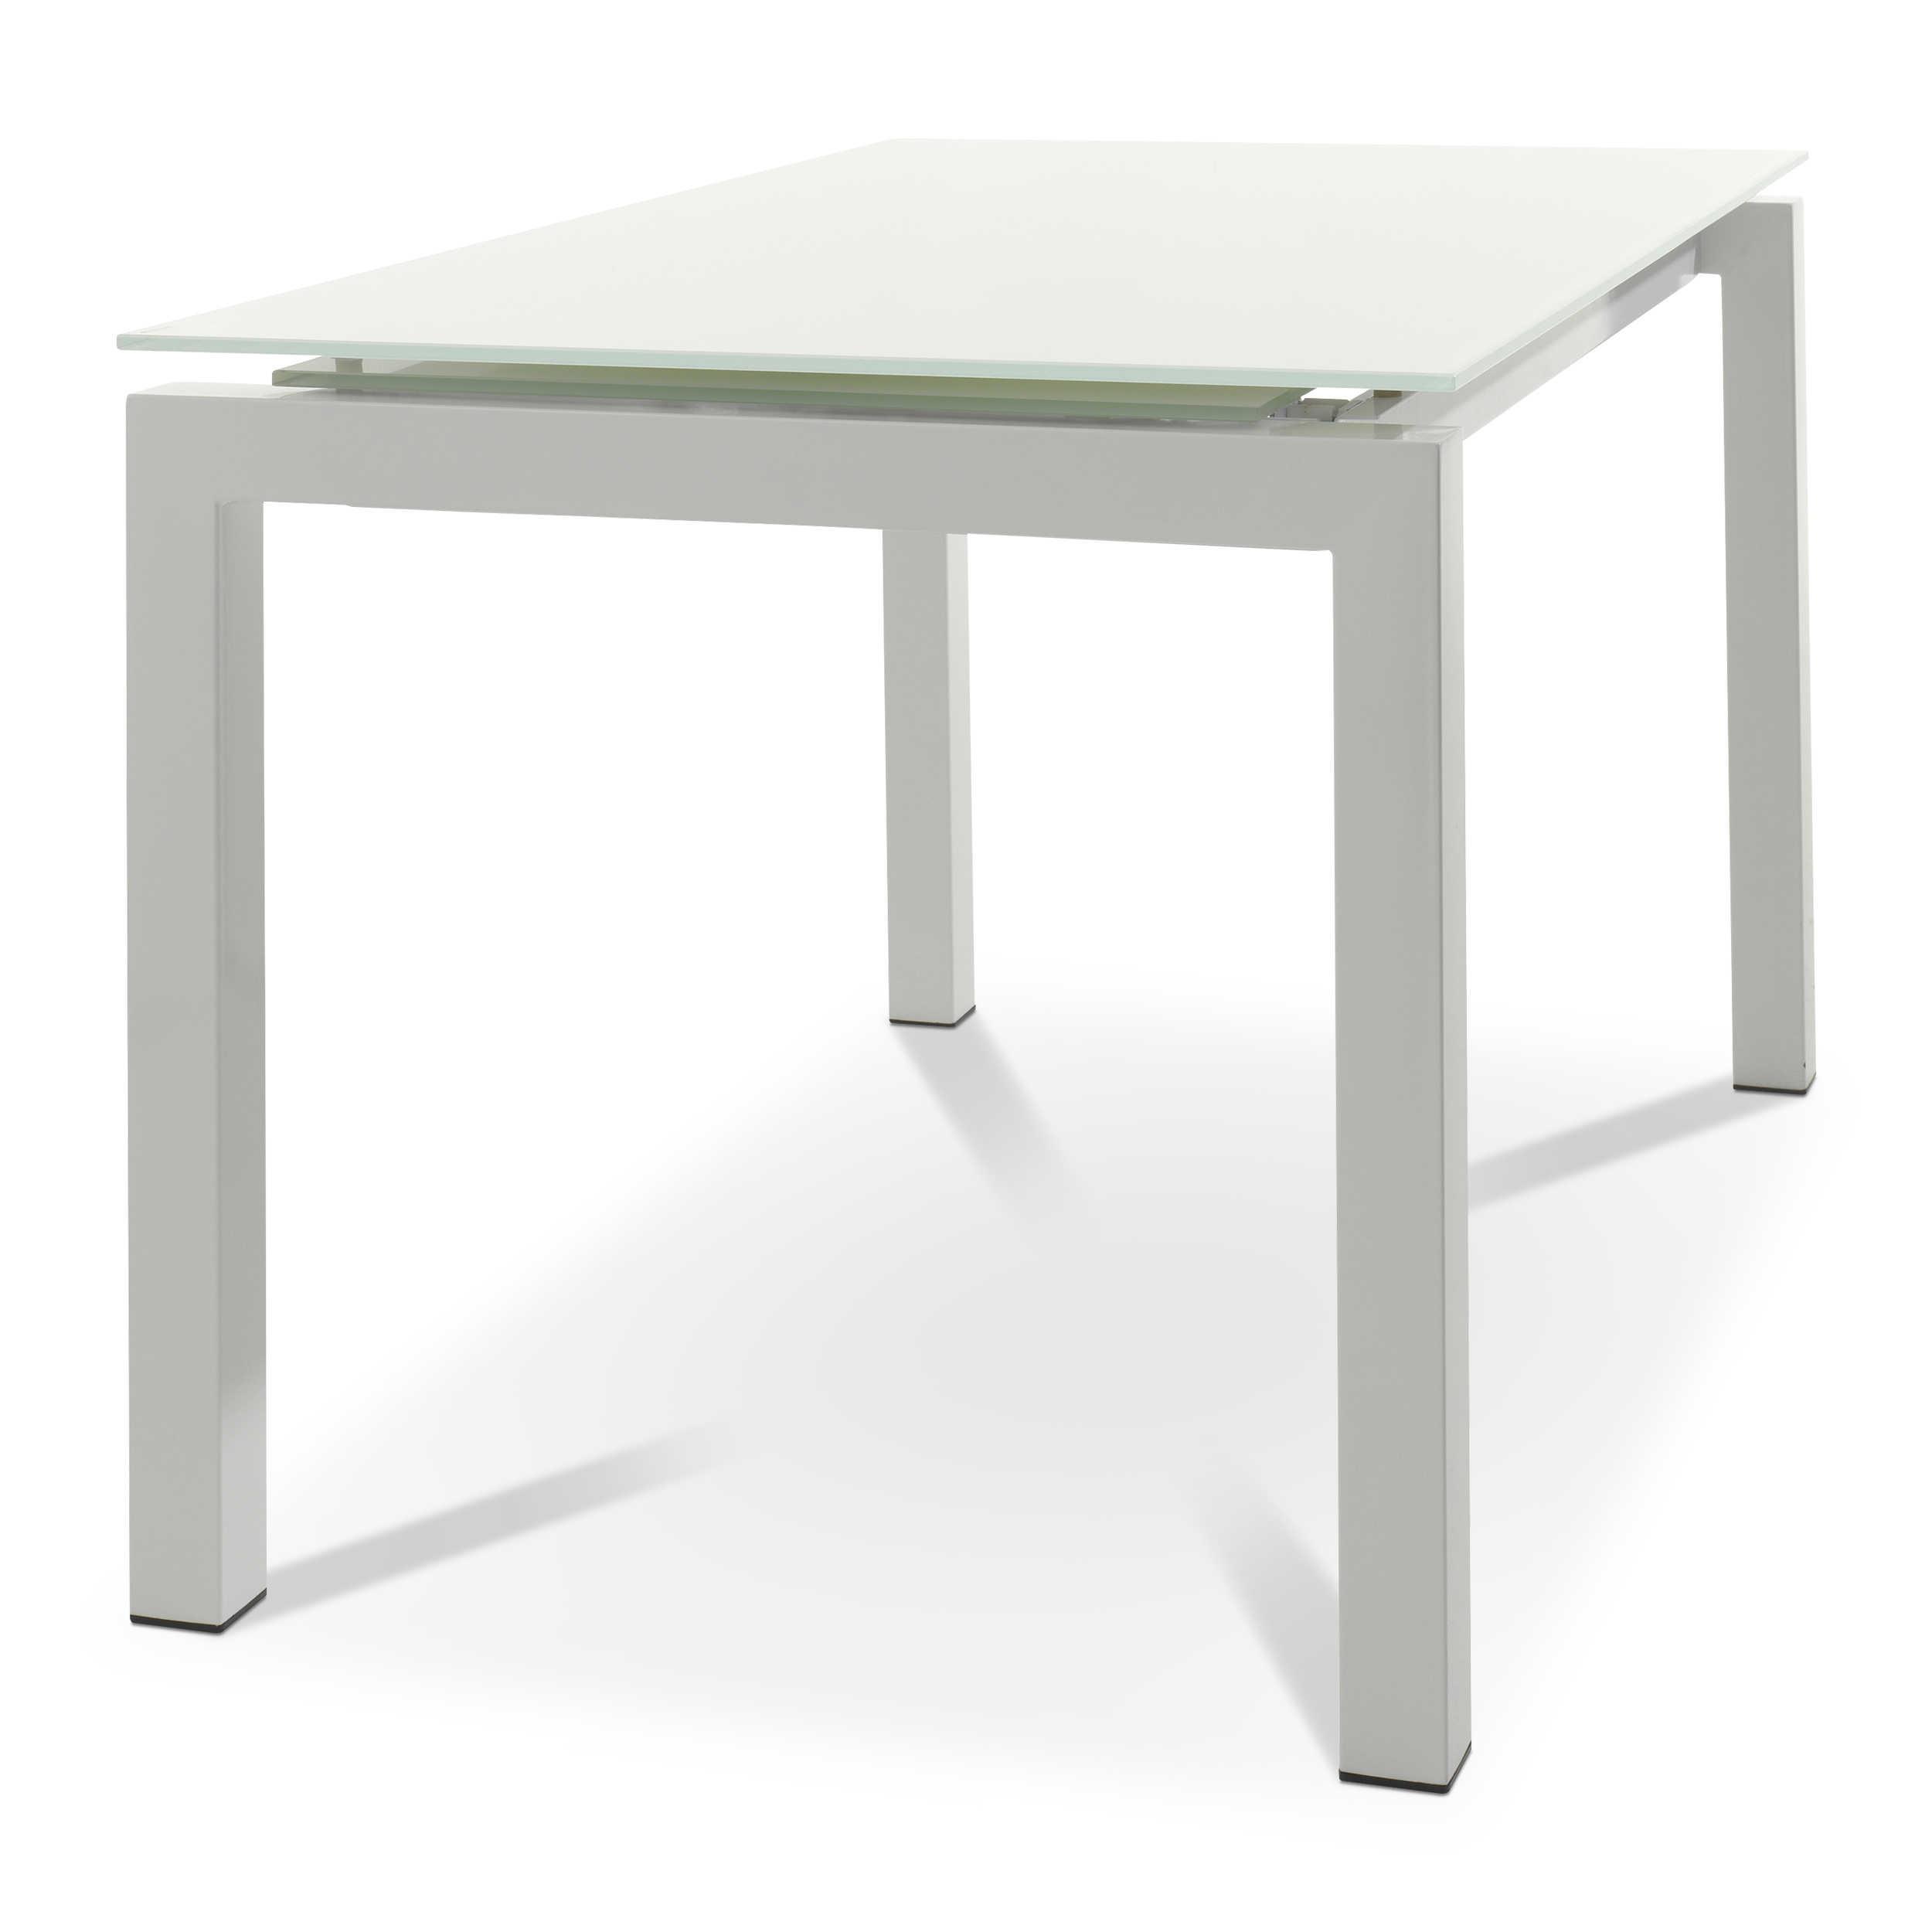 esstisch mit auszug sesto 130 190 x 80 cm wei glas online kaufen bei woonio. Black Bedroom Furniture Sets. Home Design Ideas